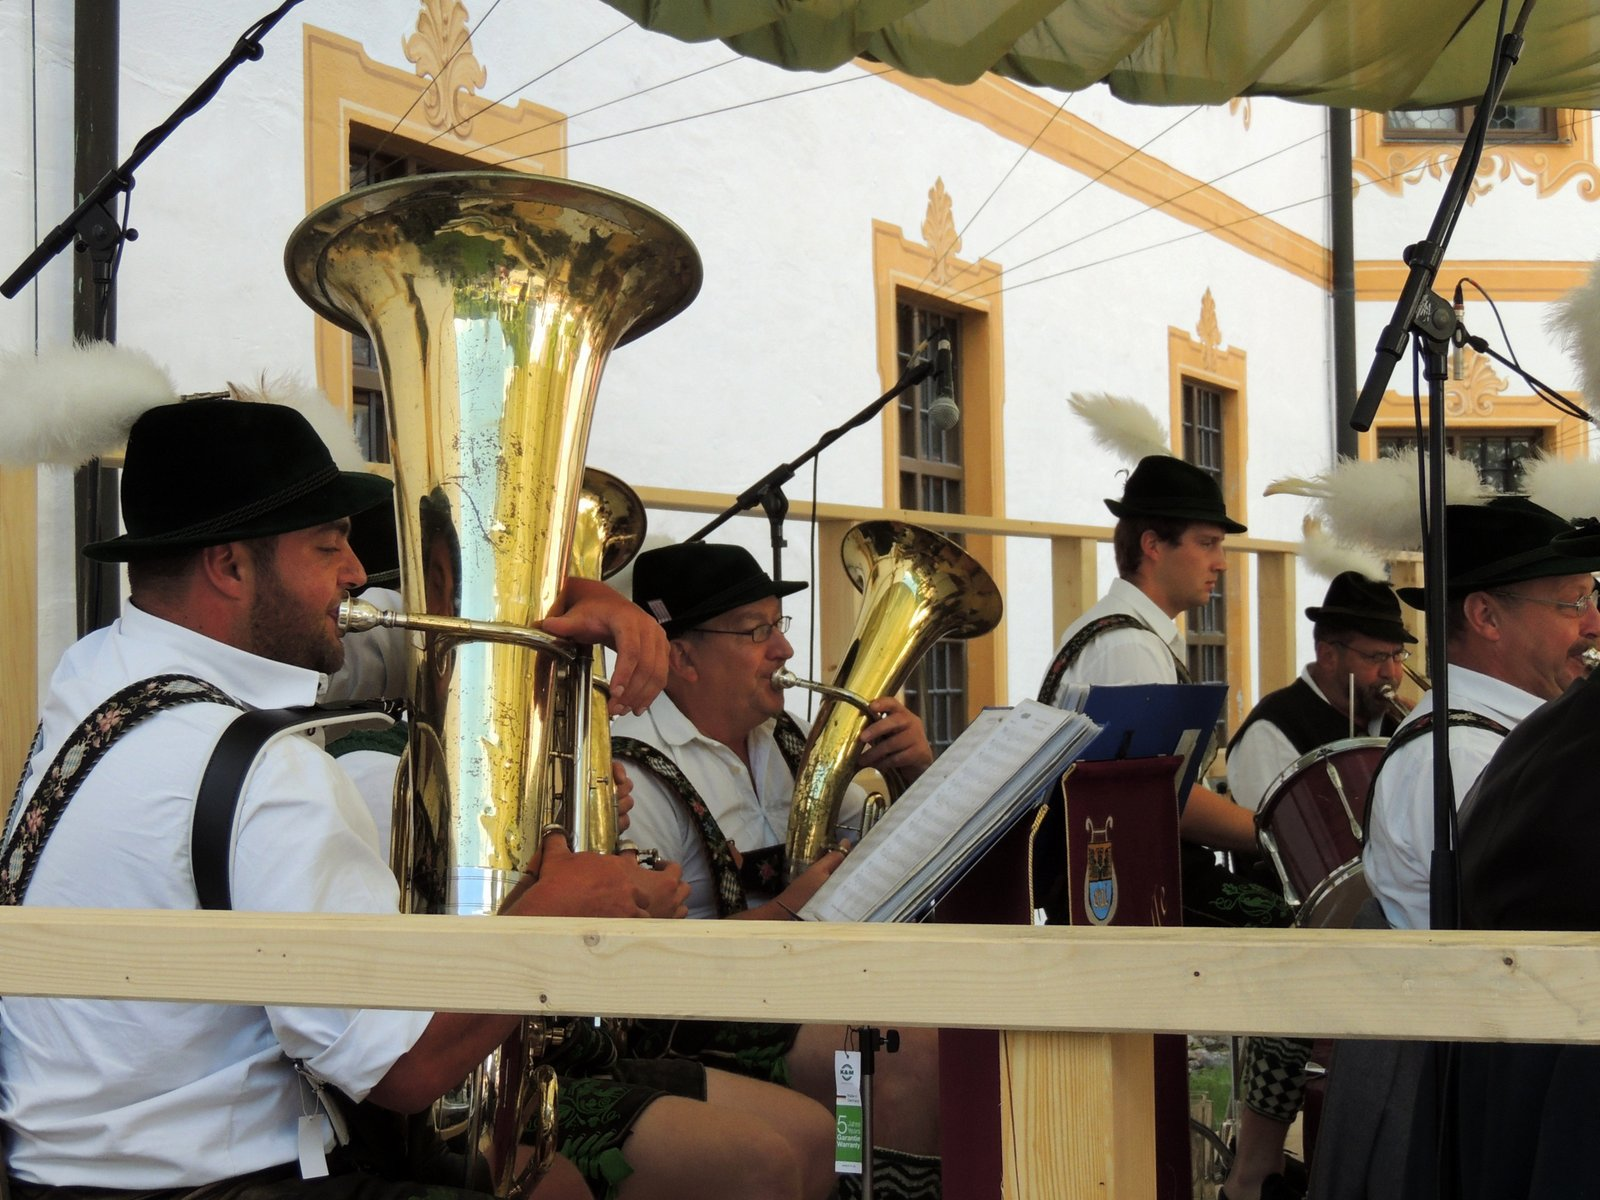 Klosterfest in Ettal